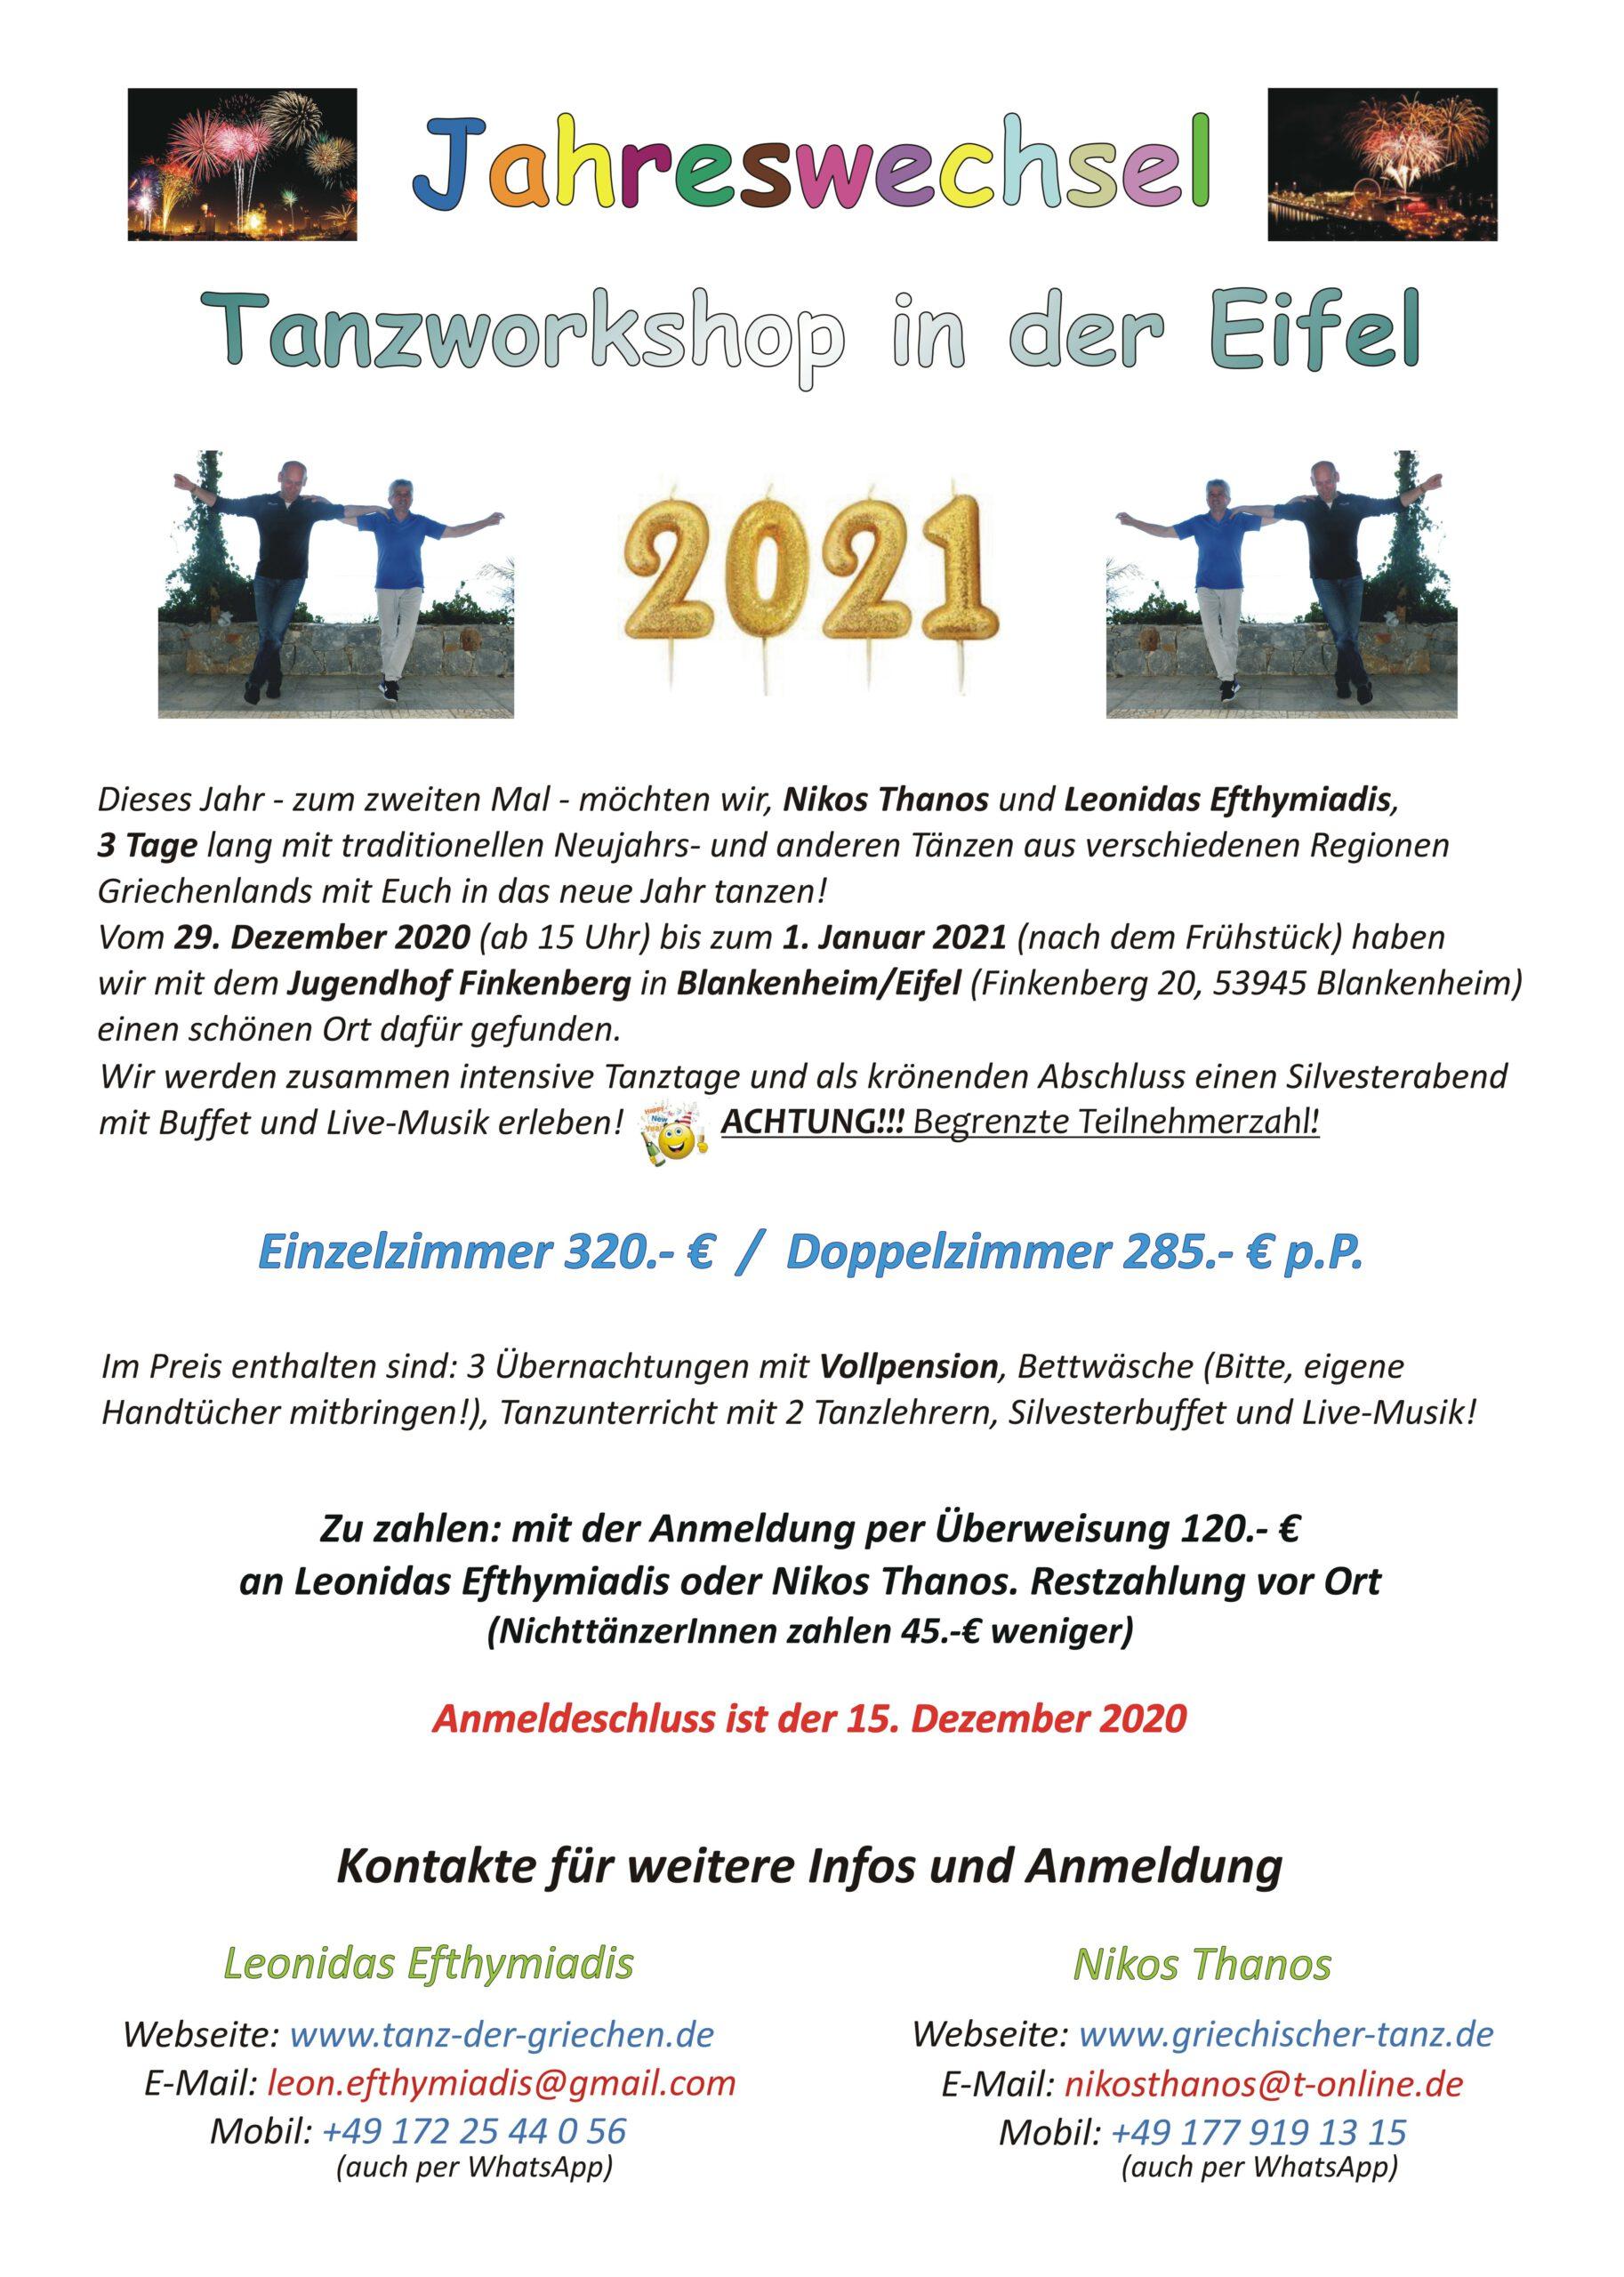 Jahreswechsel-Tanzworkshop 2020/21